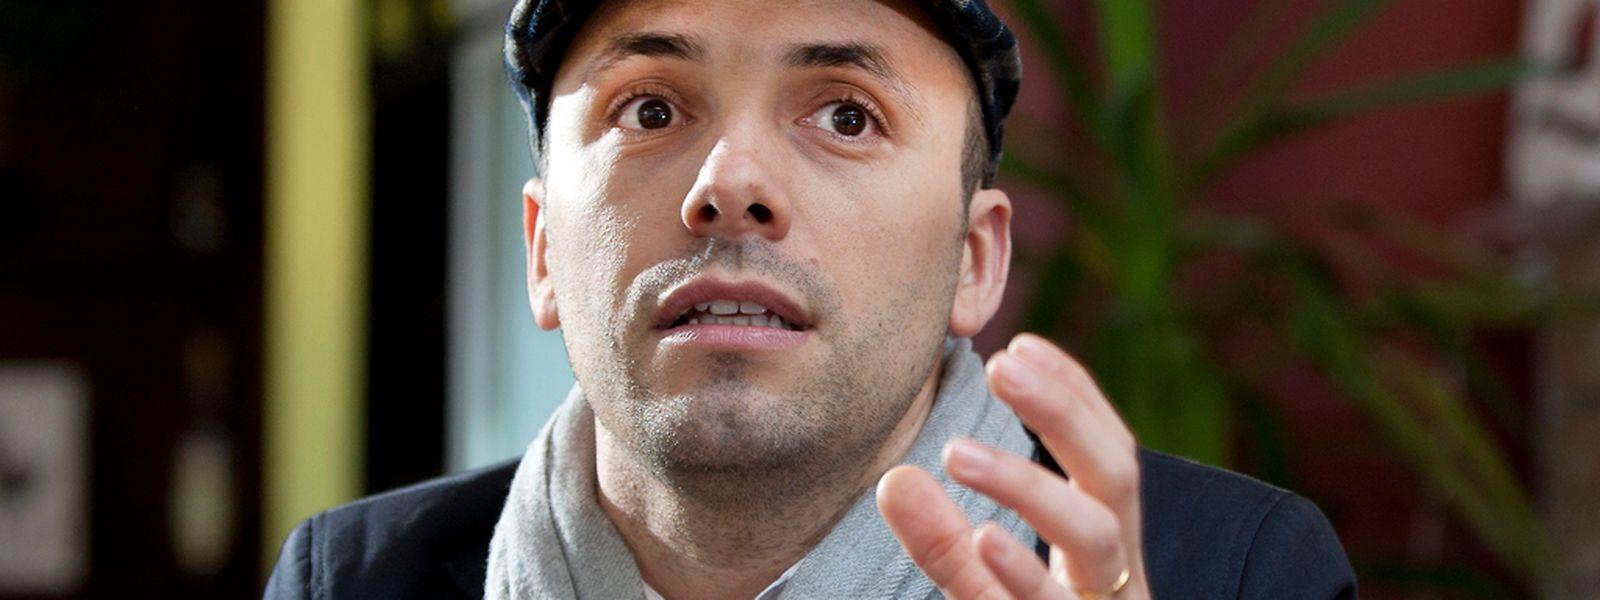 Dinis Moura reside no Luxemburgo há alguns anos